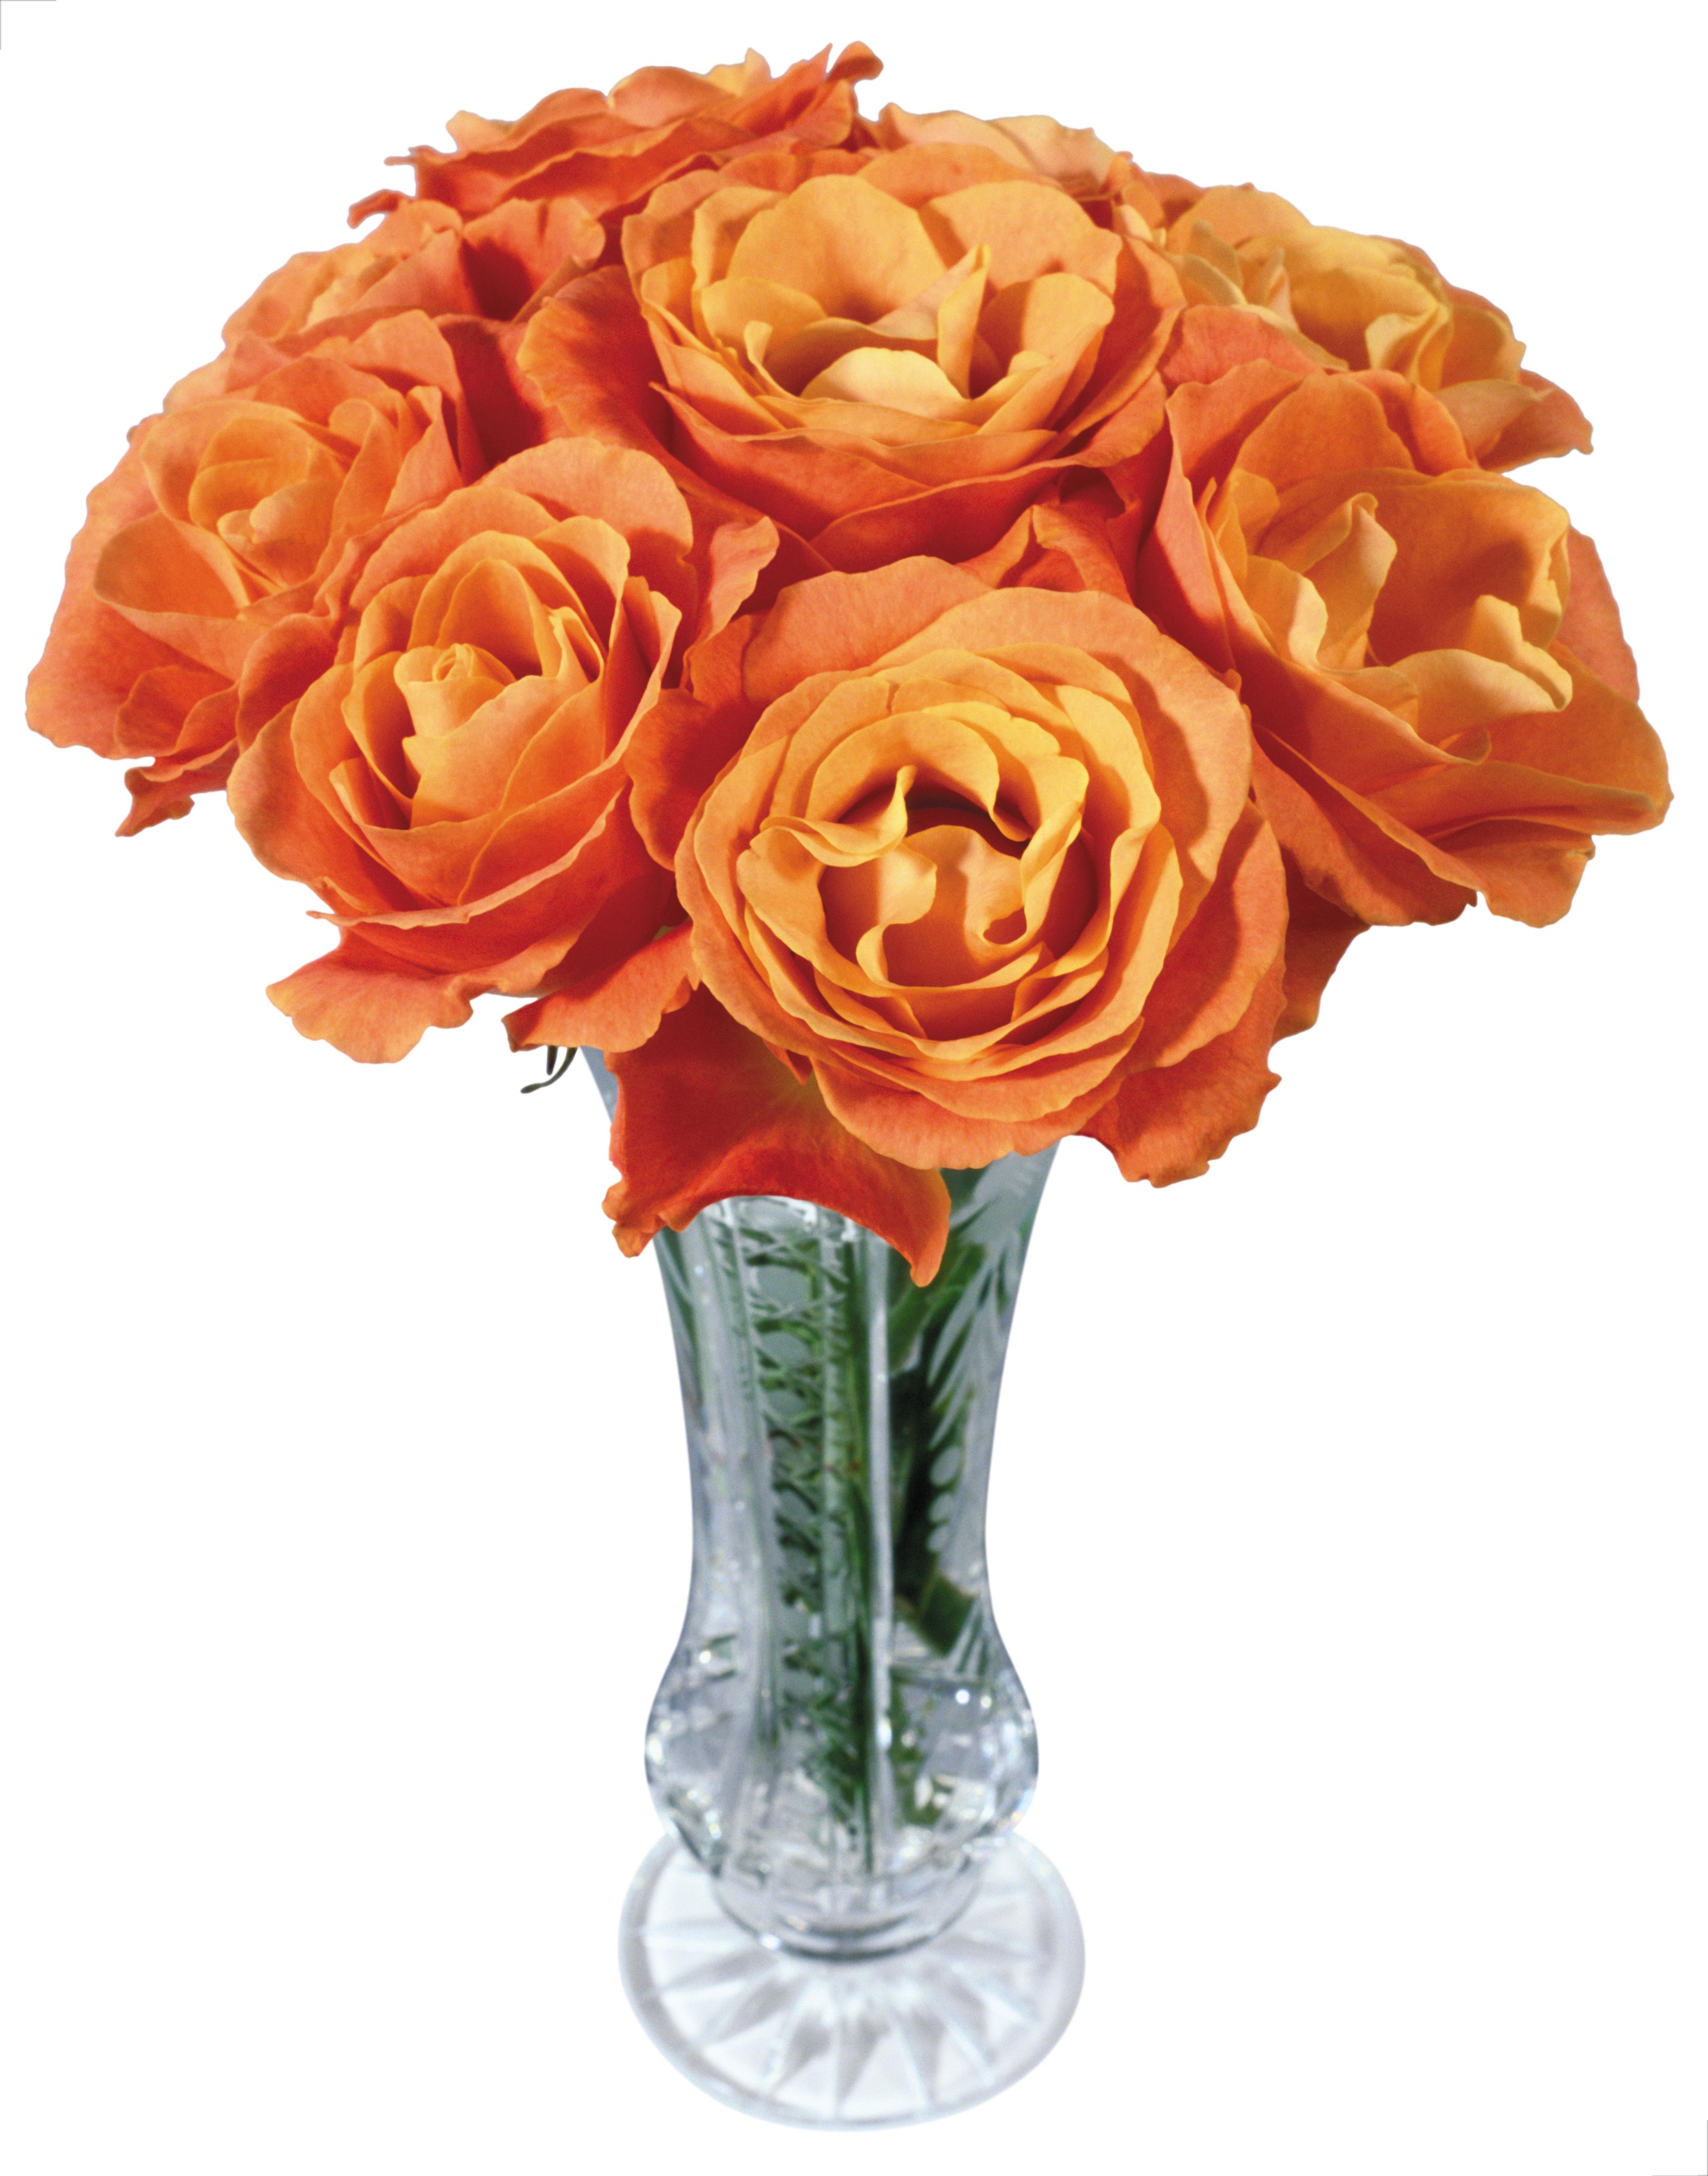 Vase Png - Orange Roses Flower Png (3703x4718), Png Download